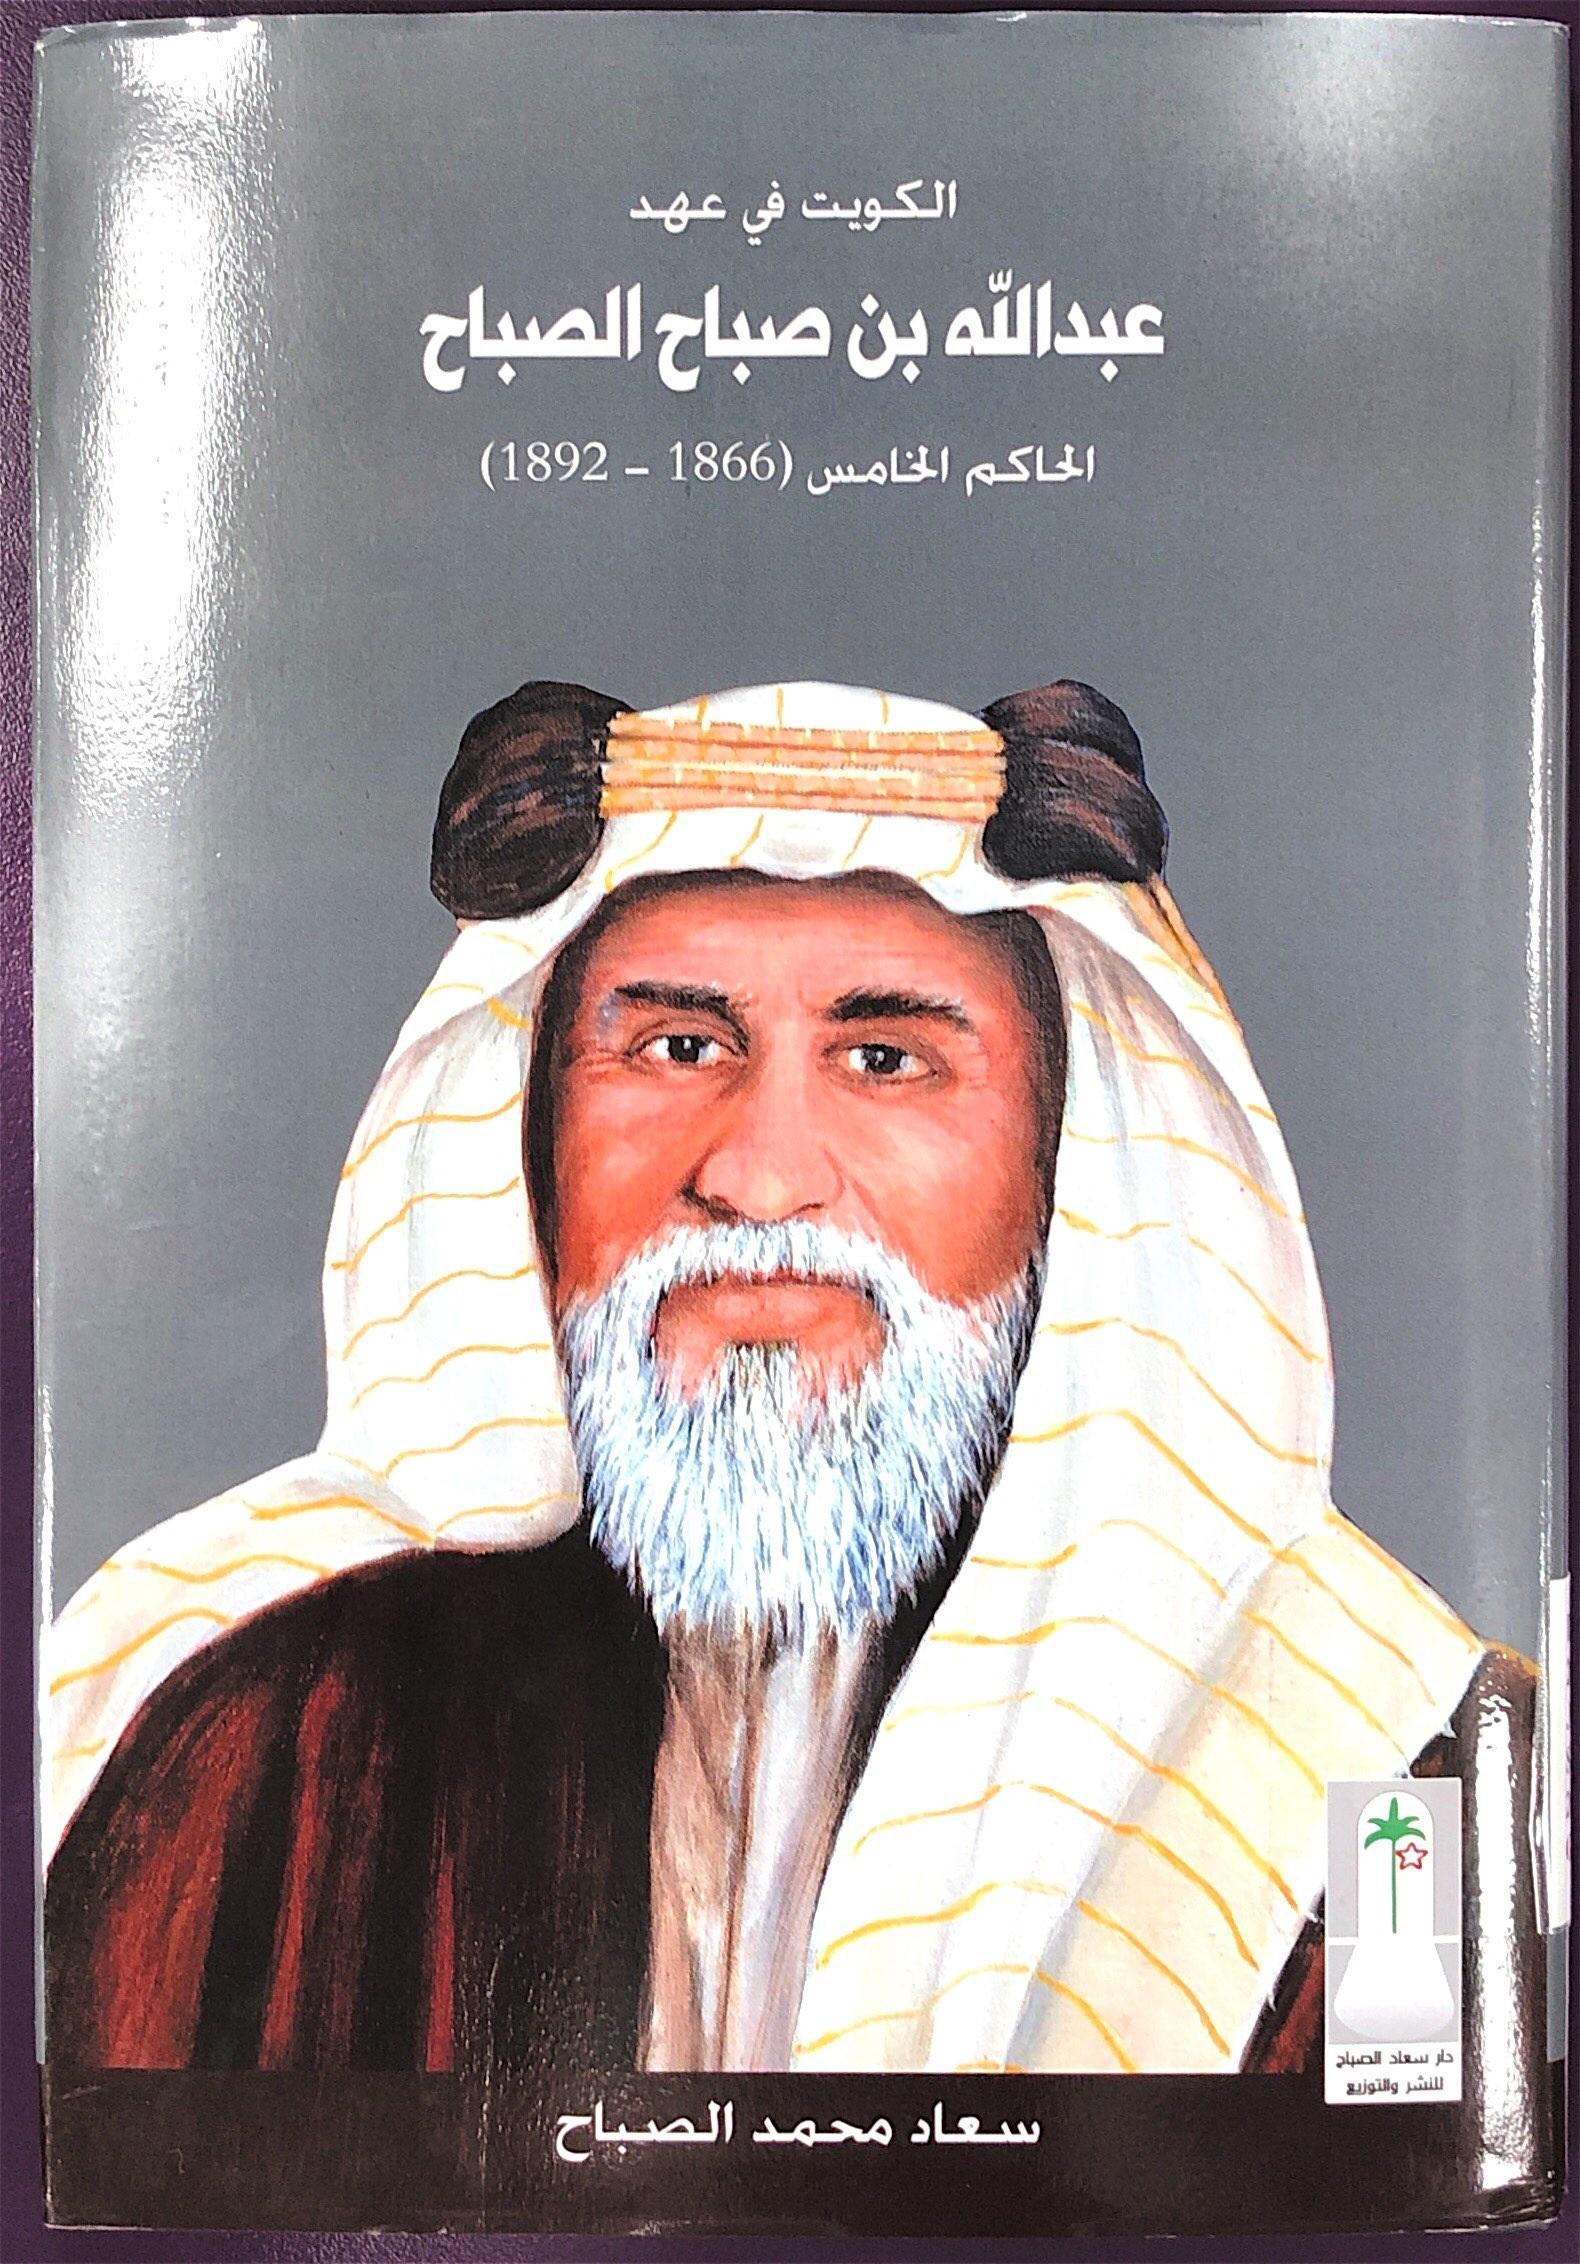 الكويت-في-عهد-عبد-الله-بن-صباح-الصباح-:-الحاكم-الخامس،-1866-1892